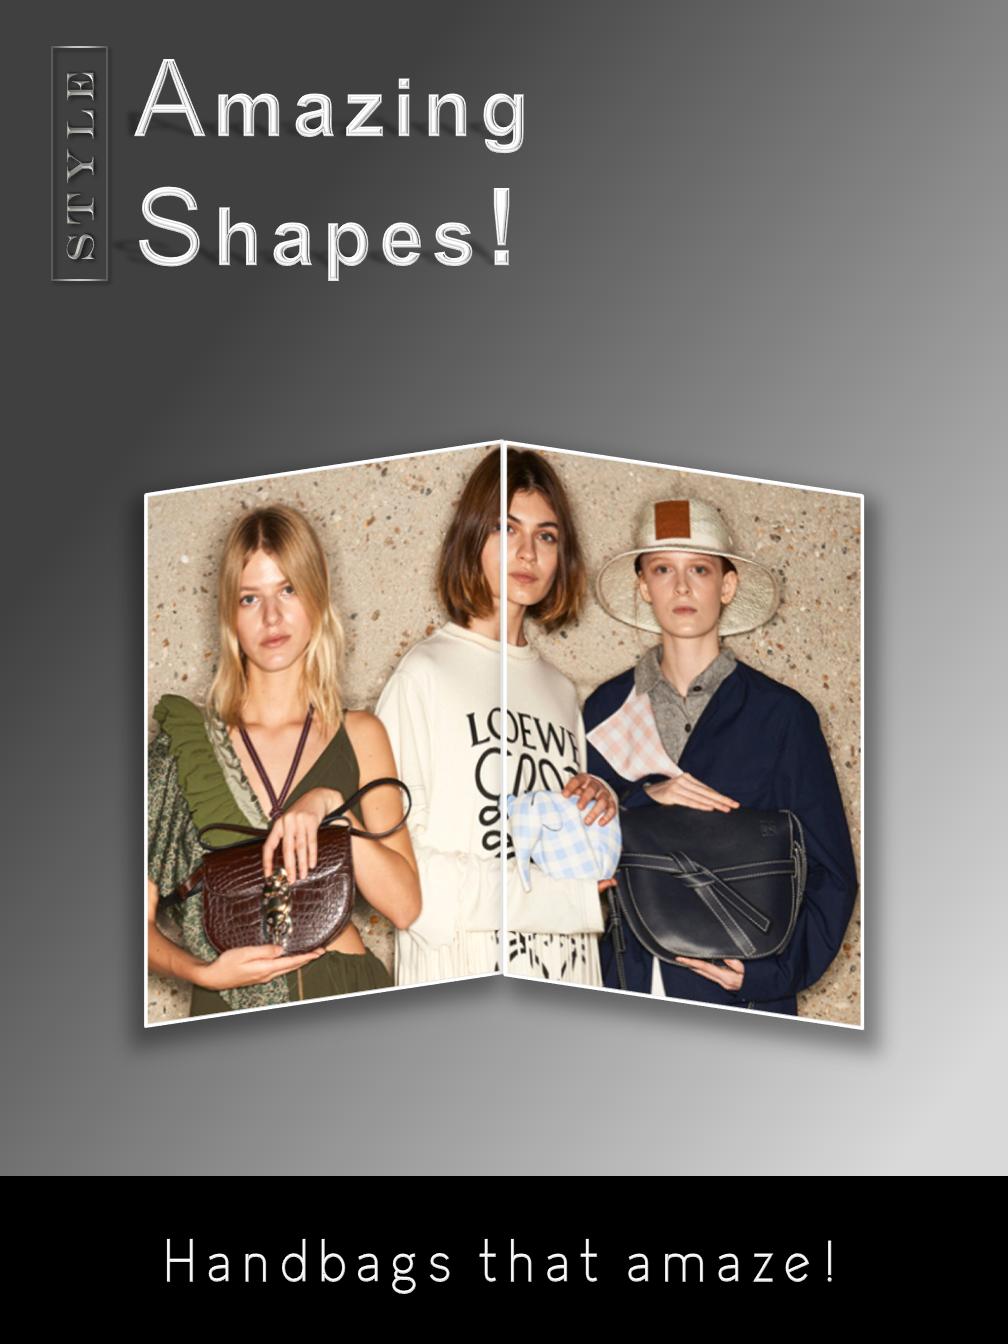 Amazing Shapes